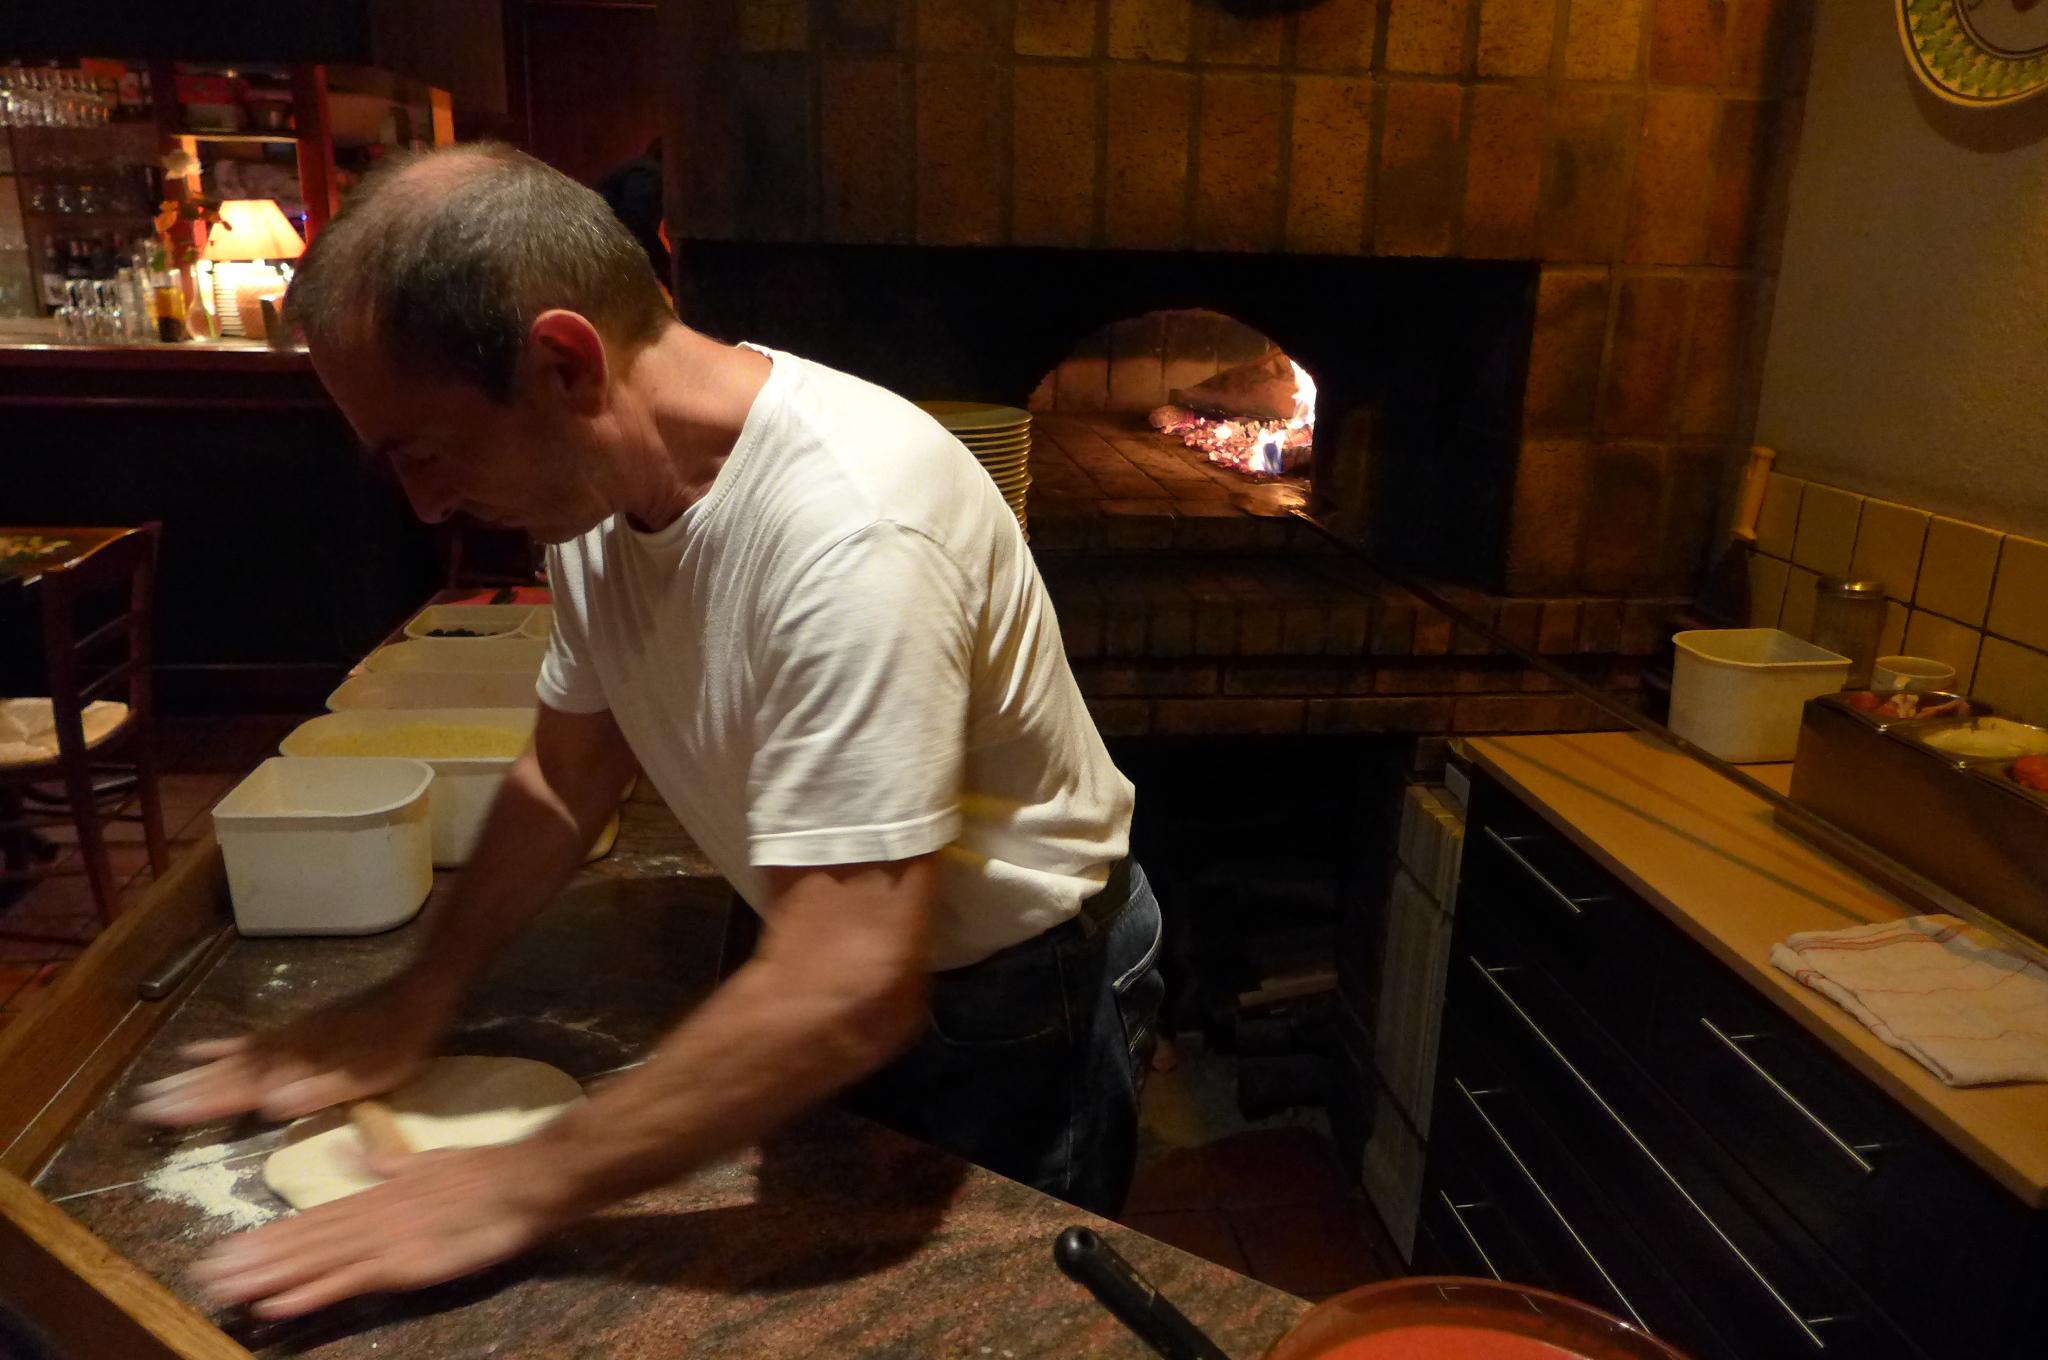 Le travail du pizzaiolo for Emploi pizzaiolo